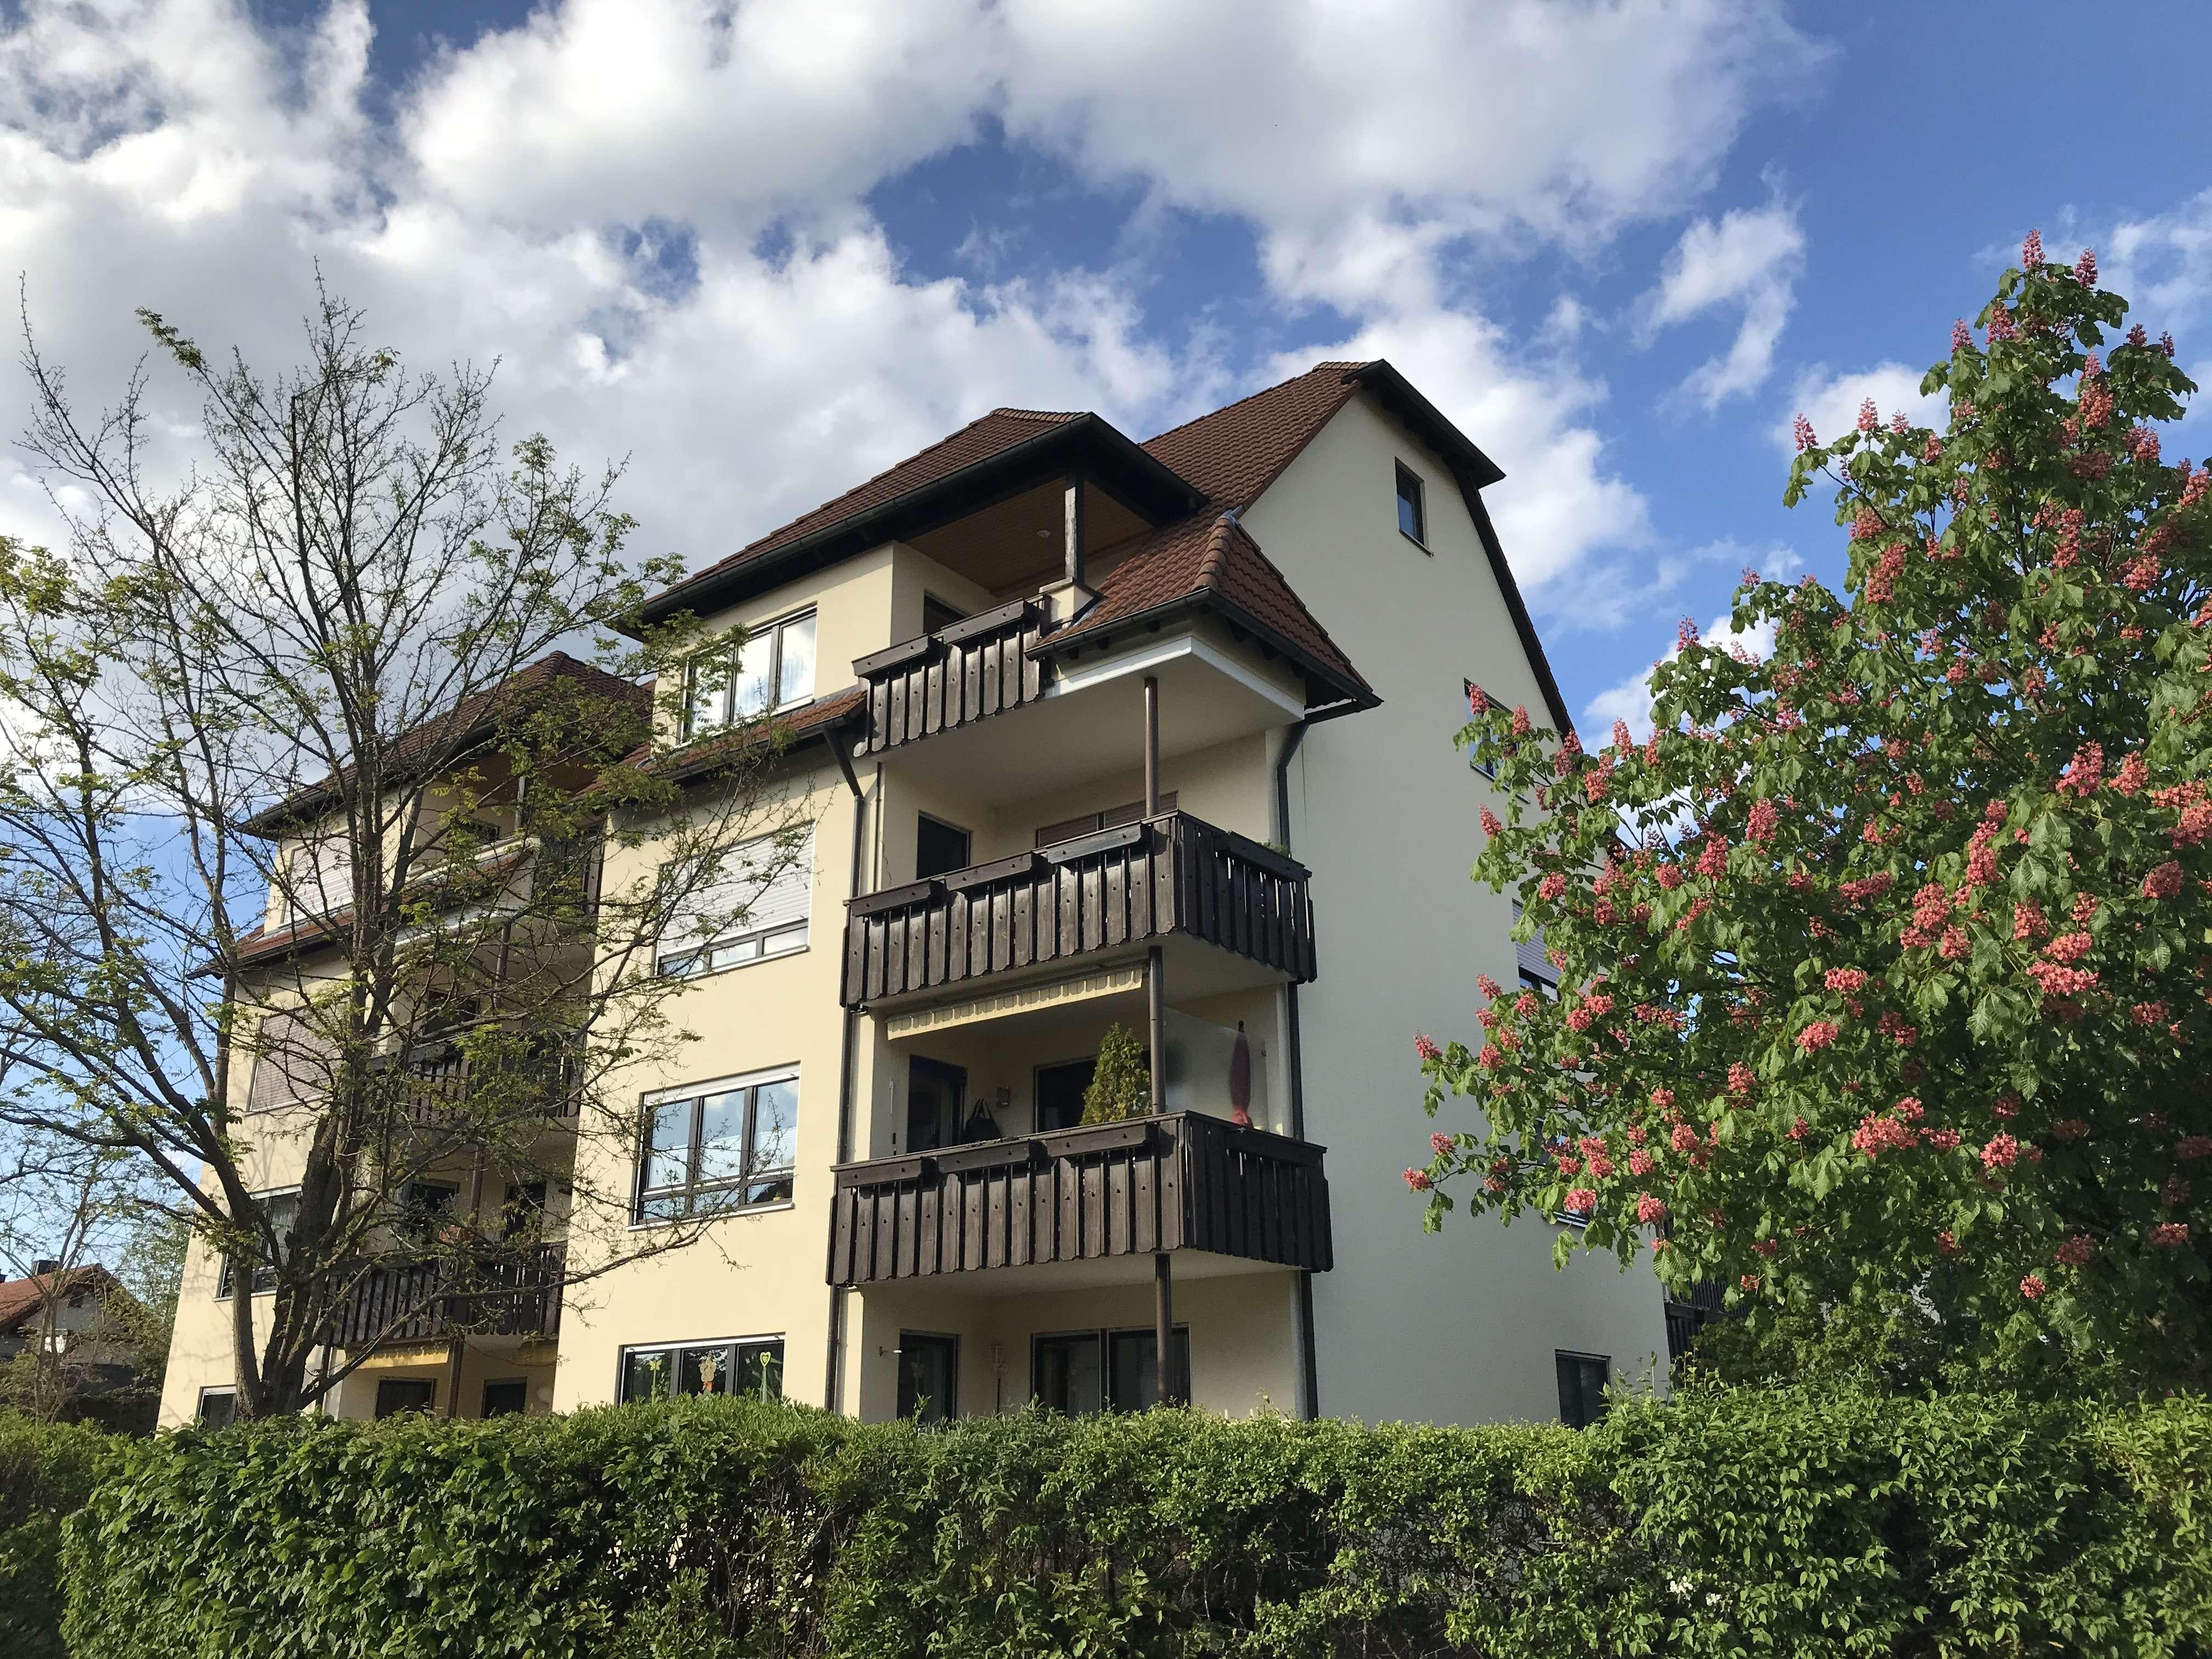 Modernisierte Wohnung mit drei Zimmern sowie Balkon und Einbauküche in Roth in